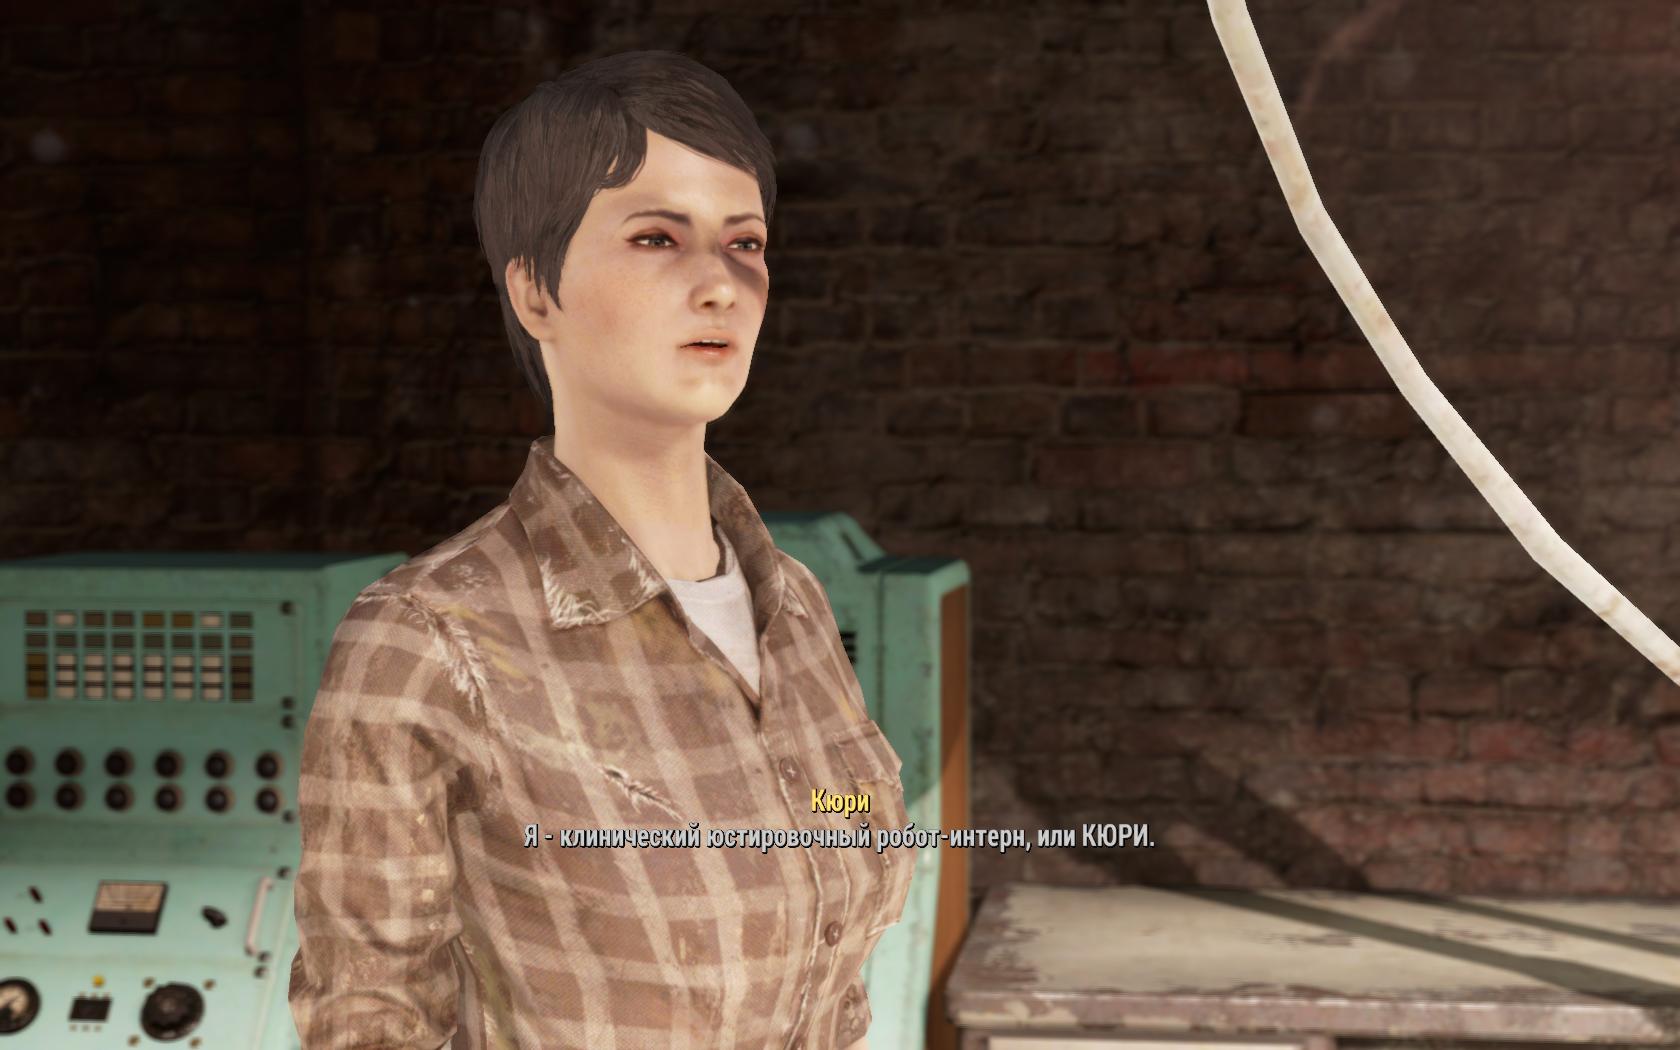 Что означает КЮРИ (Добрососедство, Дом Воспоминаний) - Fallout 4 Добрососедство, Дом Воспоминаний, Робот